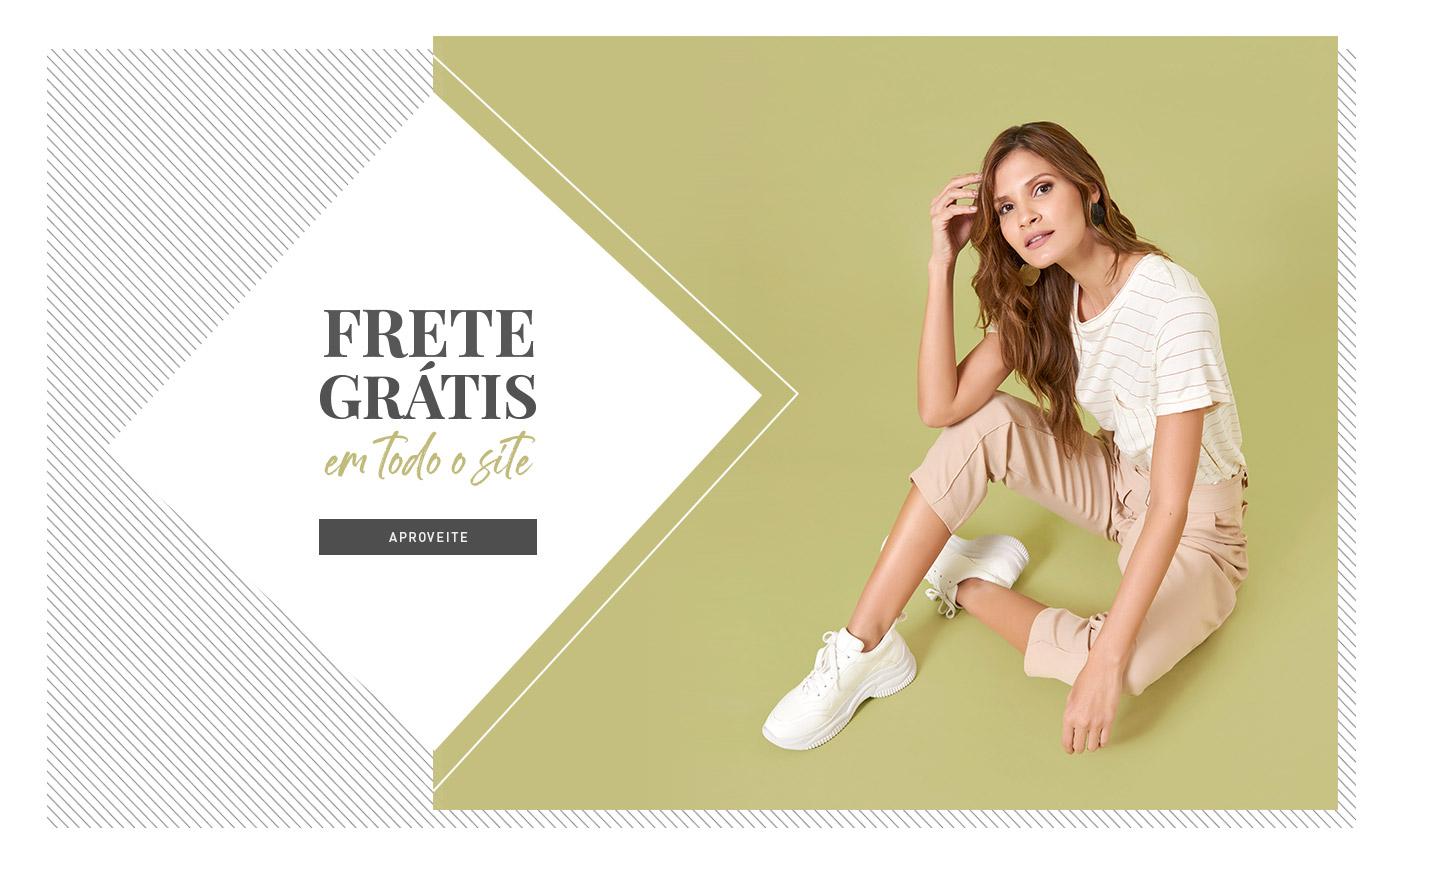 FRETE G